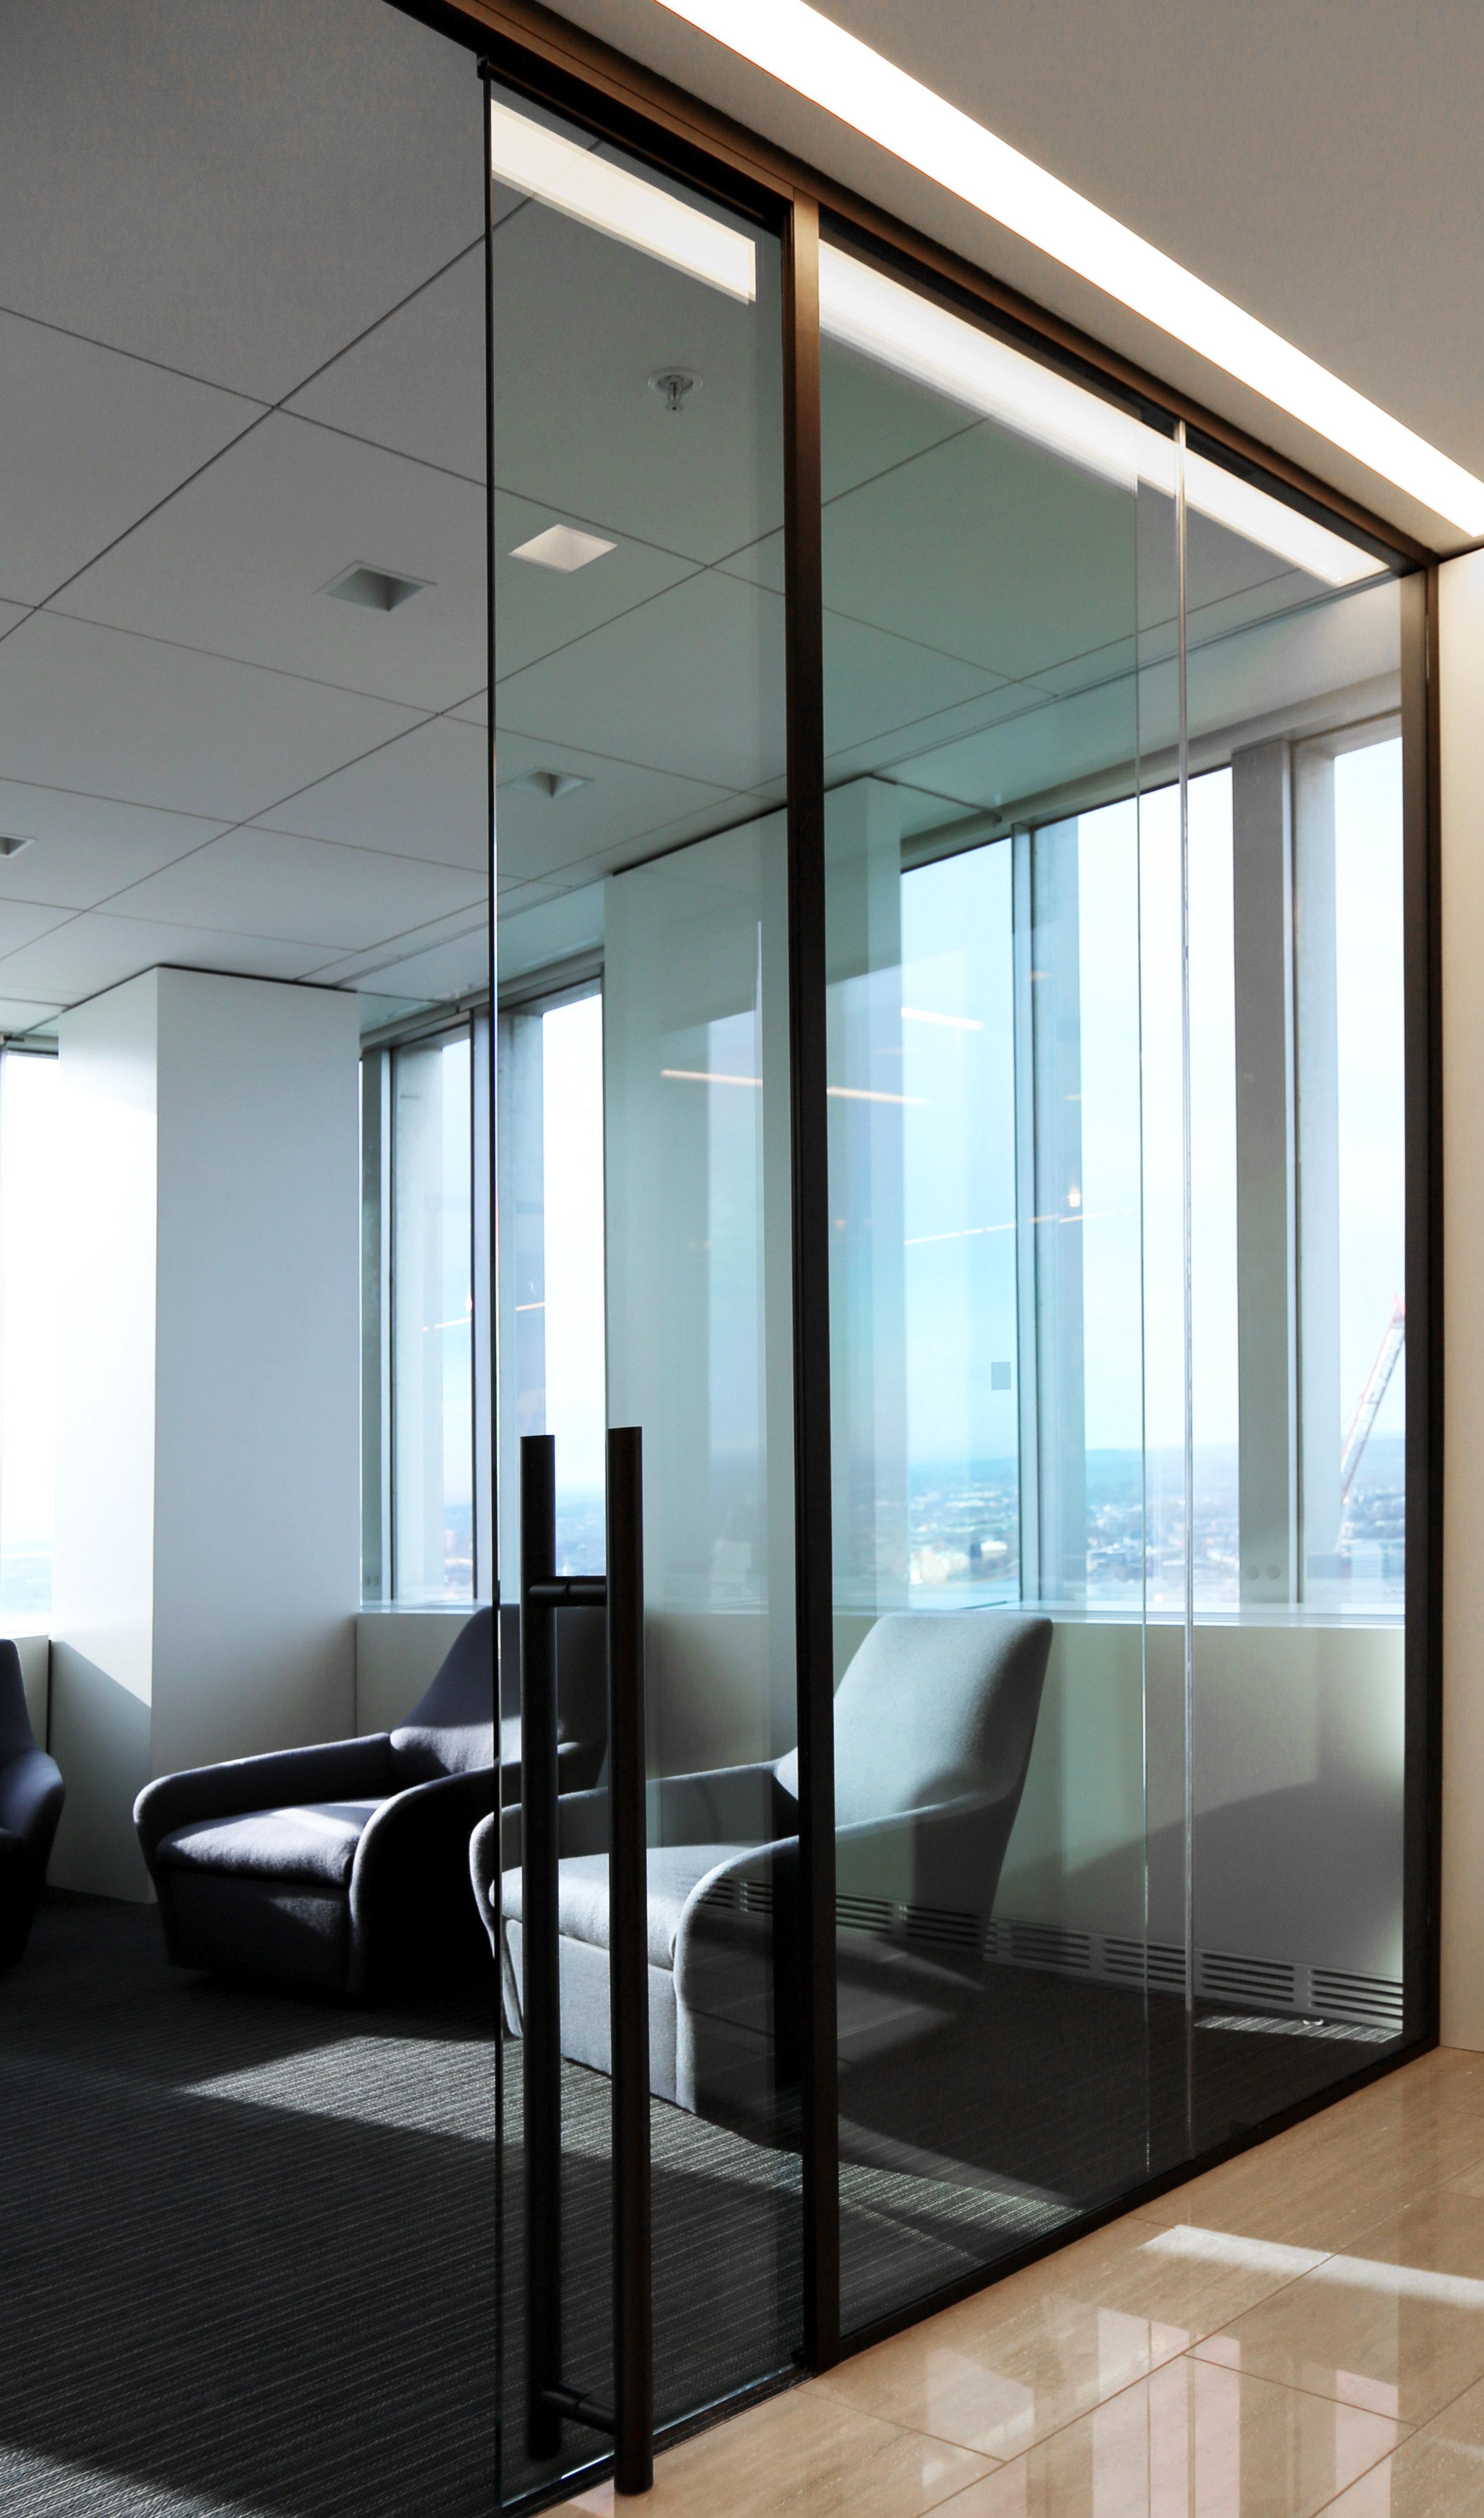 Modernus Frameless Glass Sliding Door System - Spaceworks AI.jpg